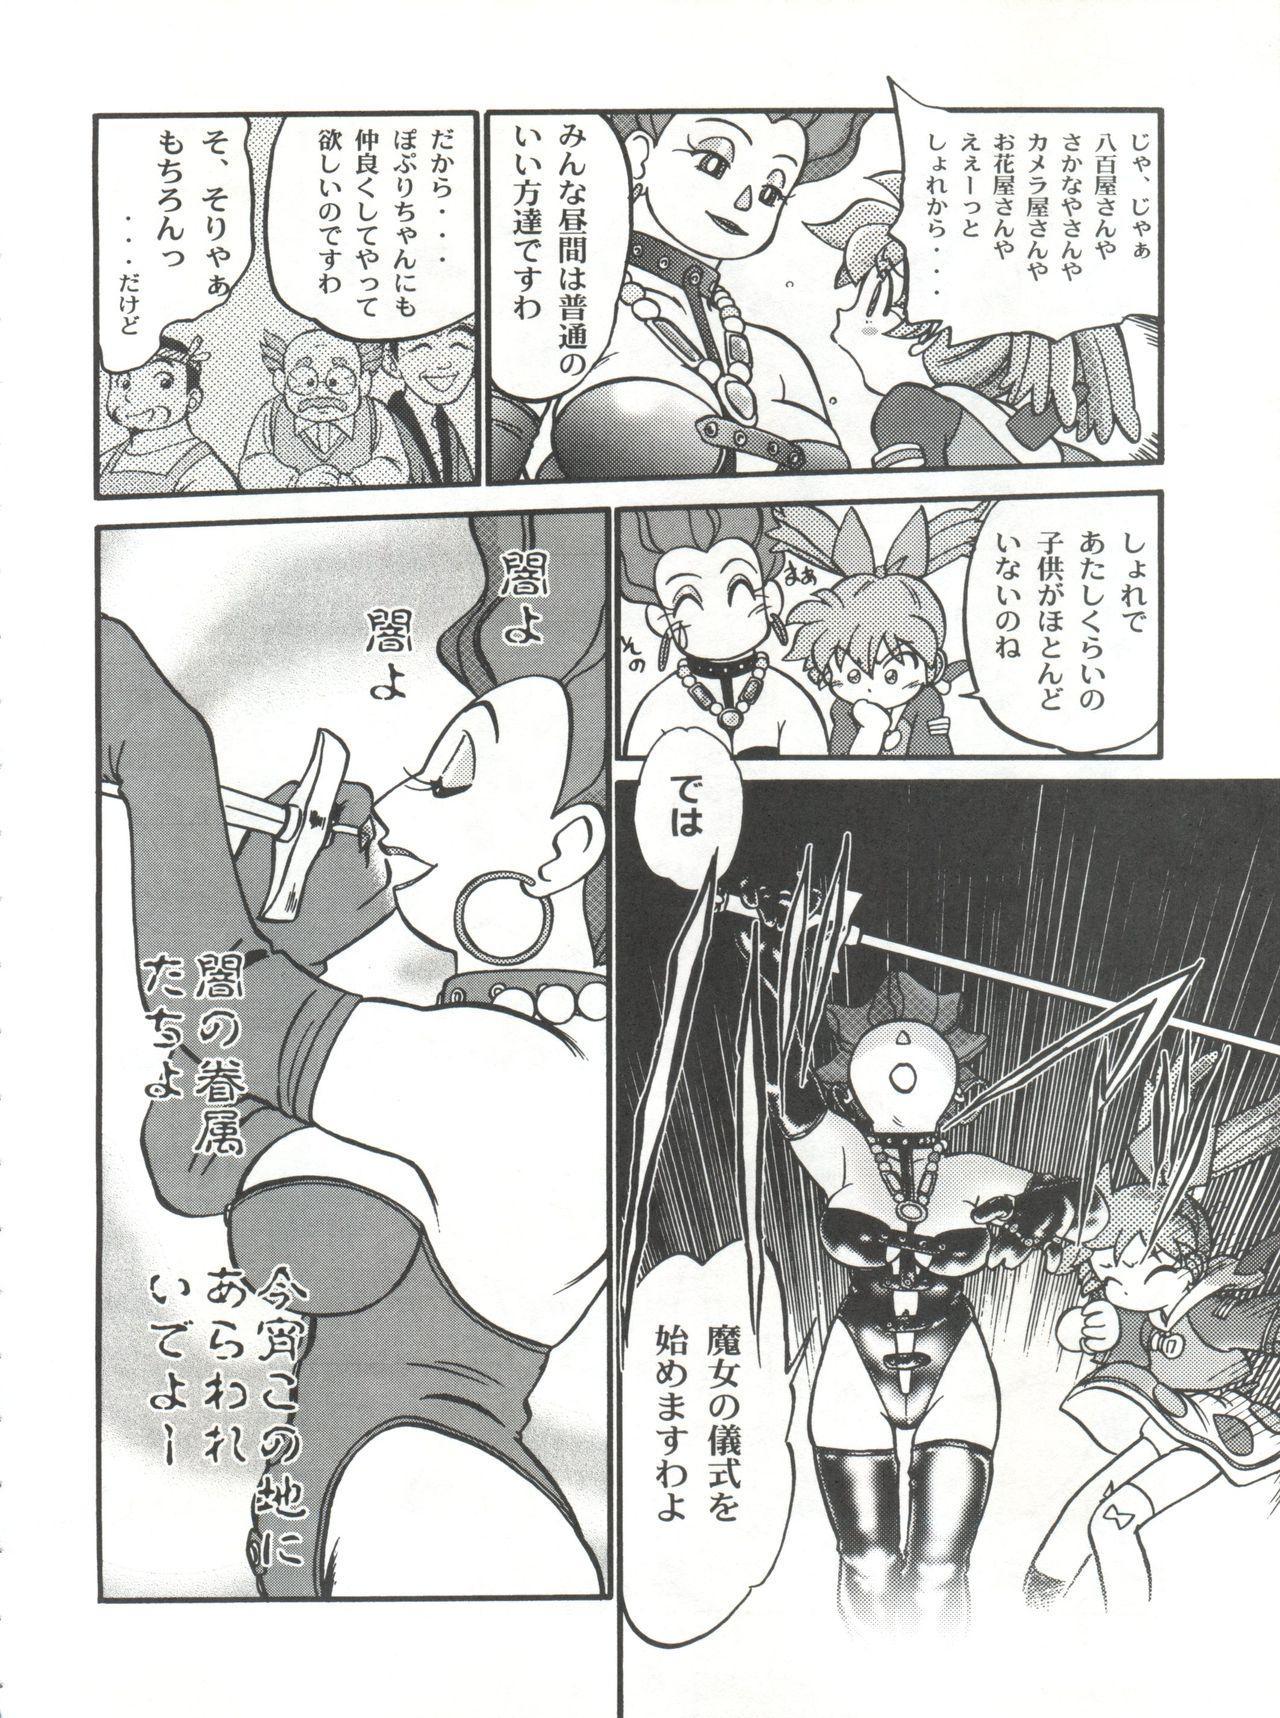 Mahou no Okusuri 8